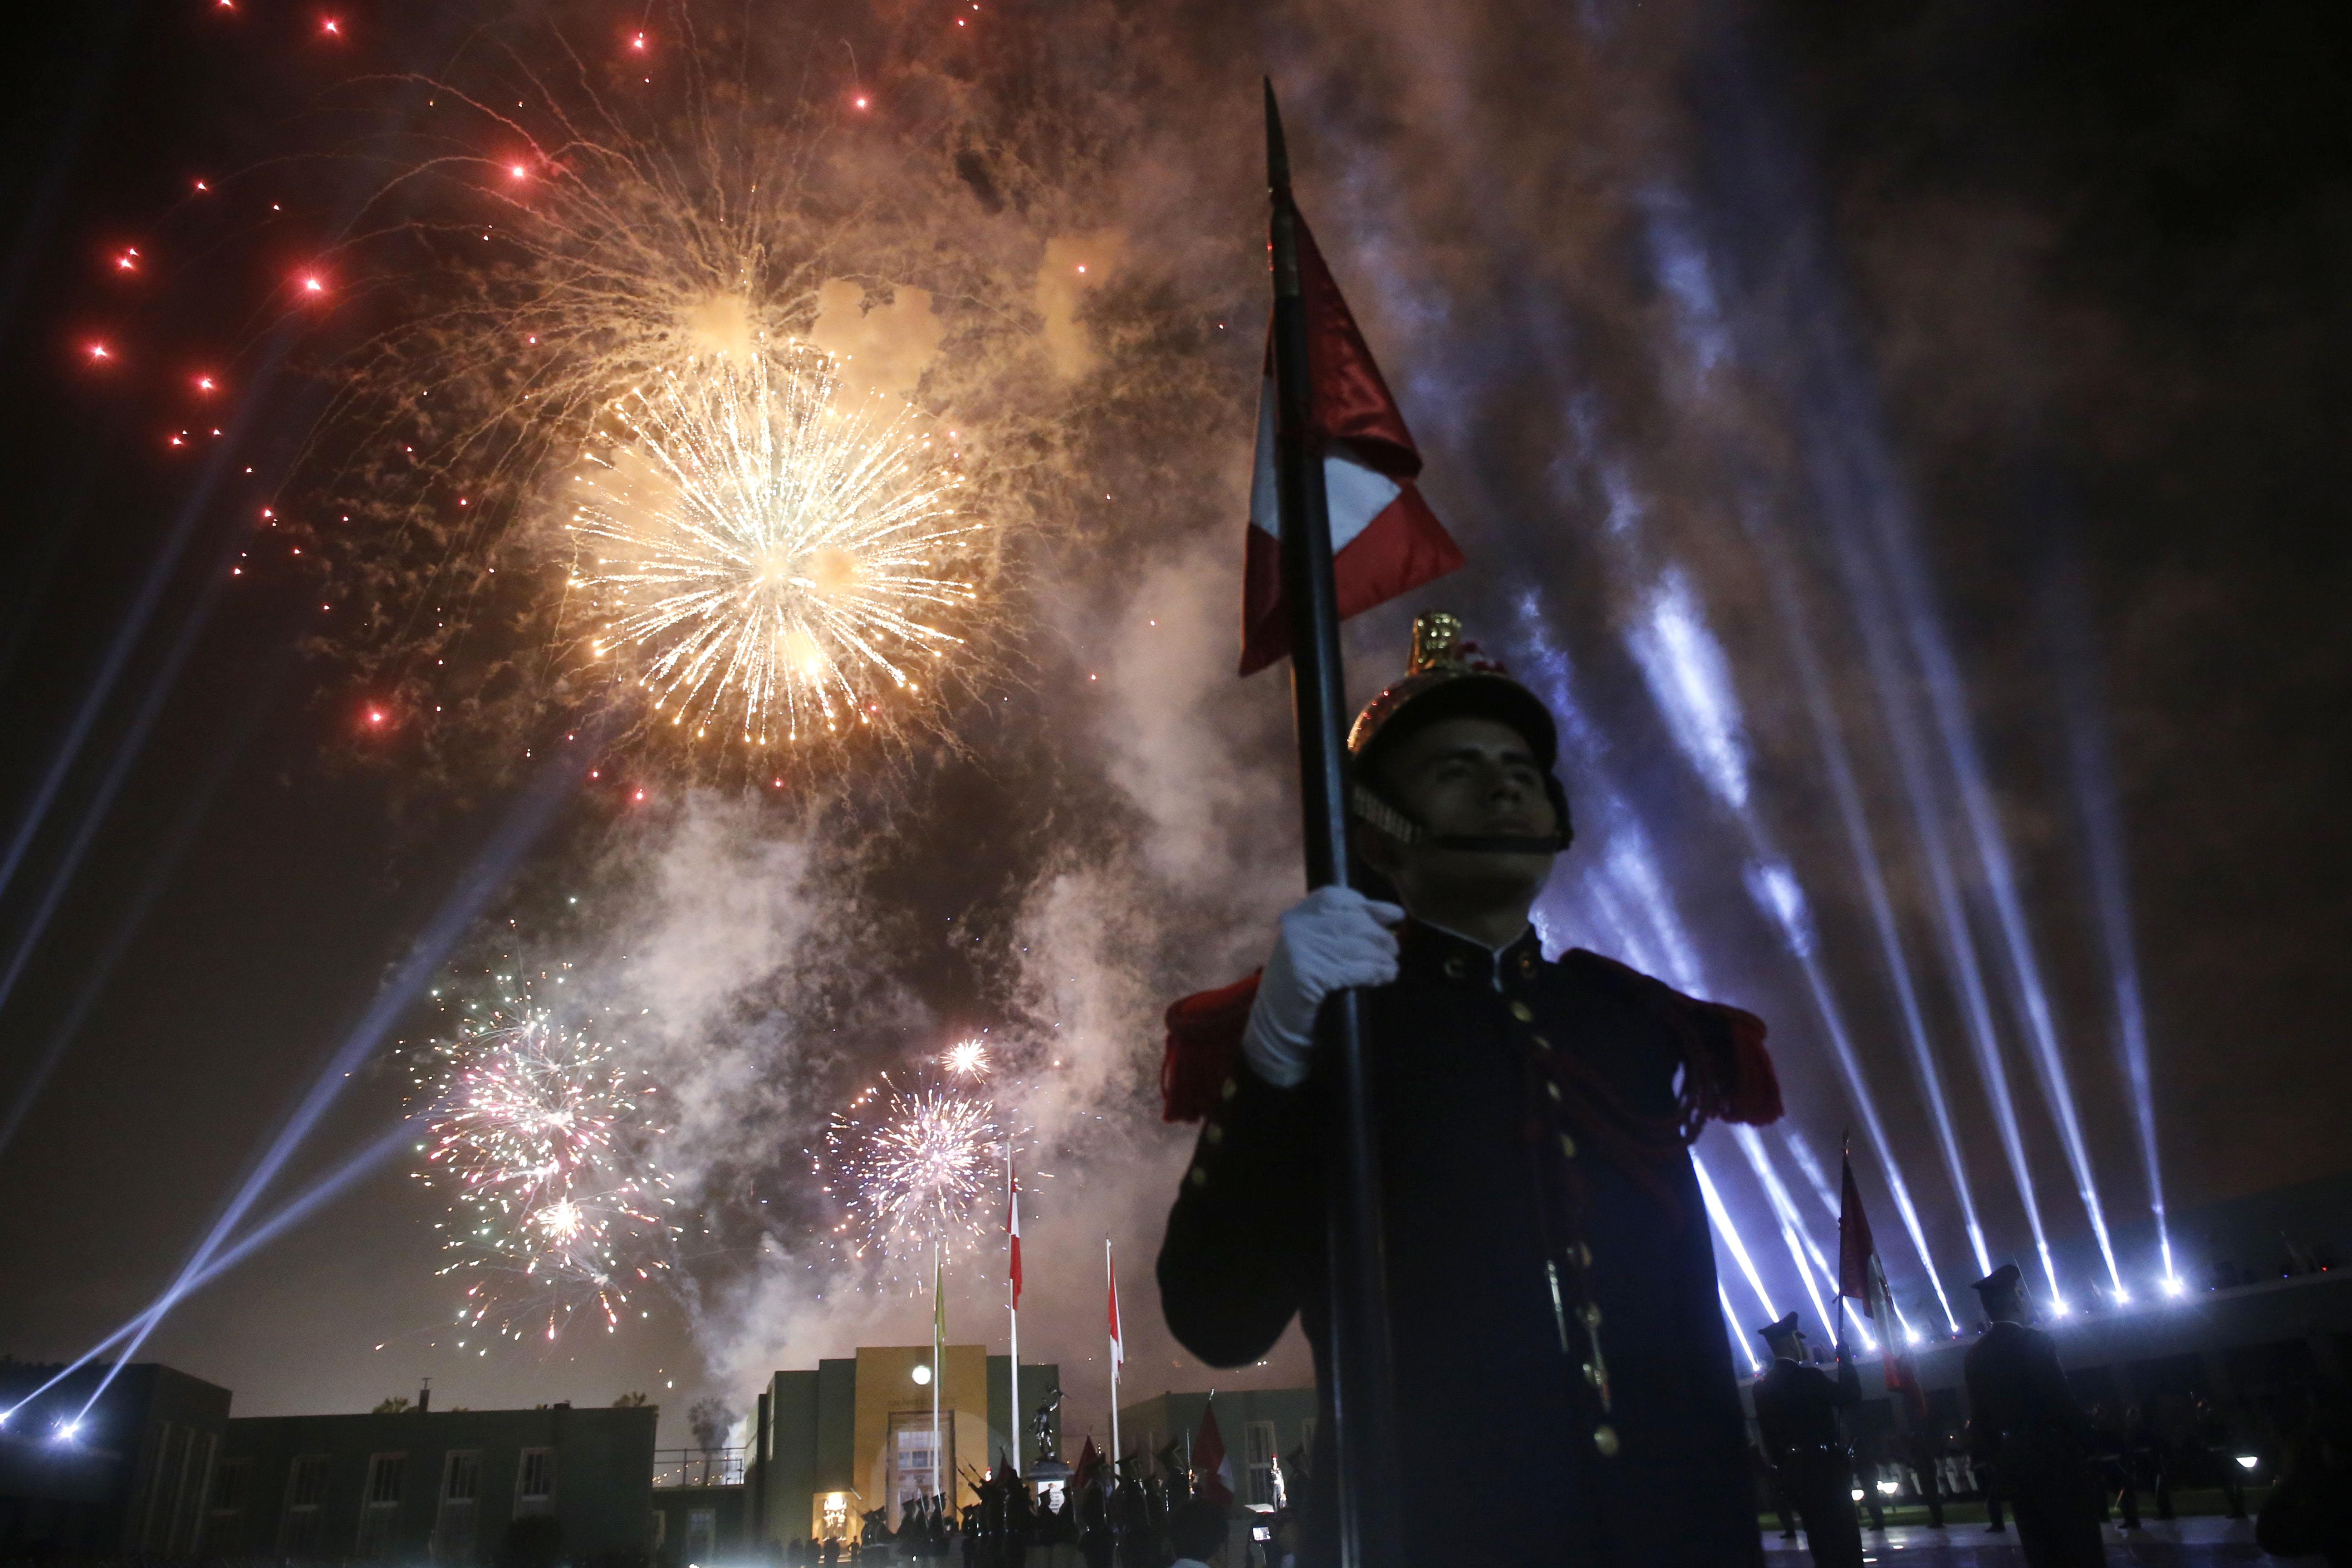 Fiestas Patrias De Perú Wikipedia La Enciclopedia Libre